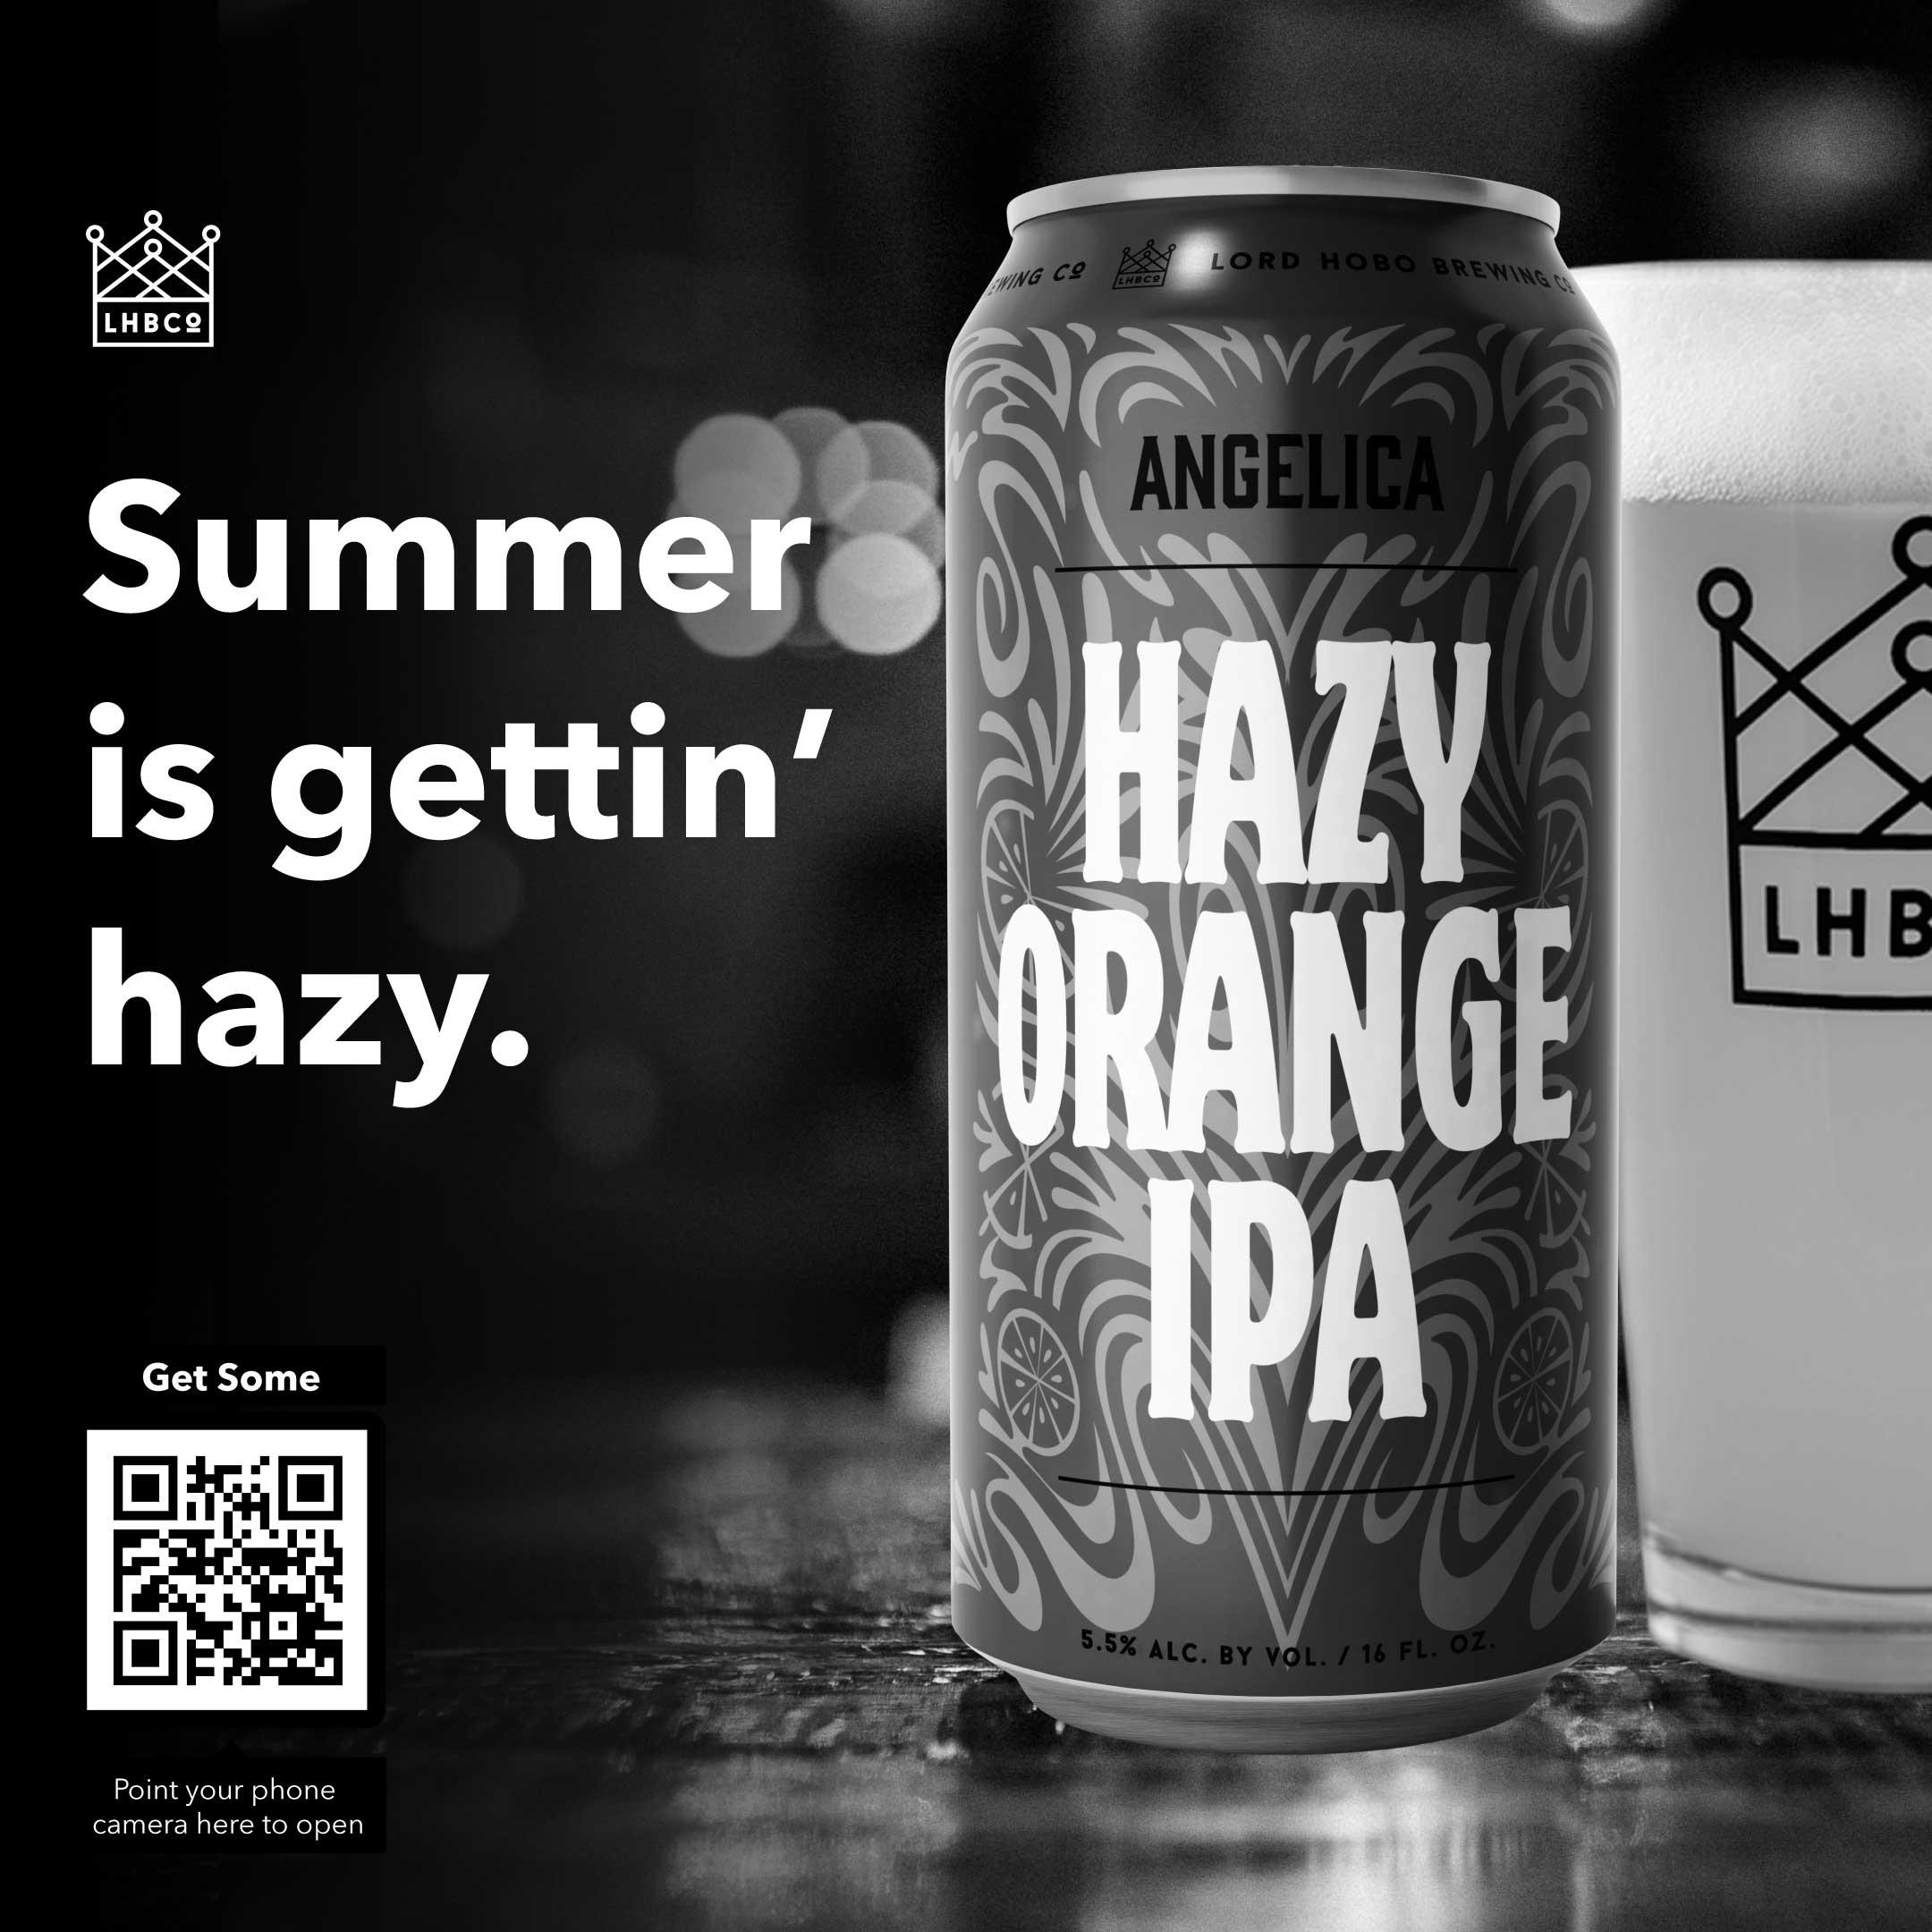 lord-hobo-soofa-hazy-orange--summer-hazy.jpg